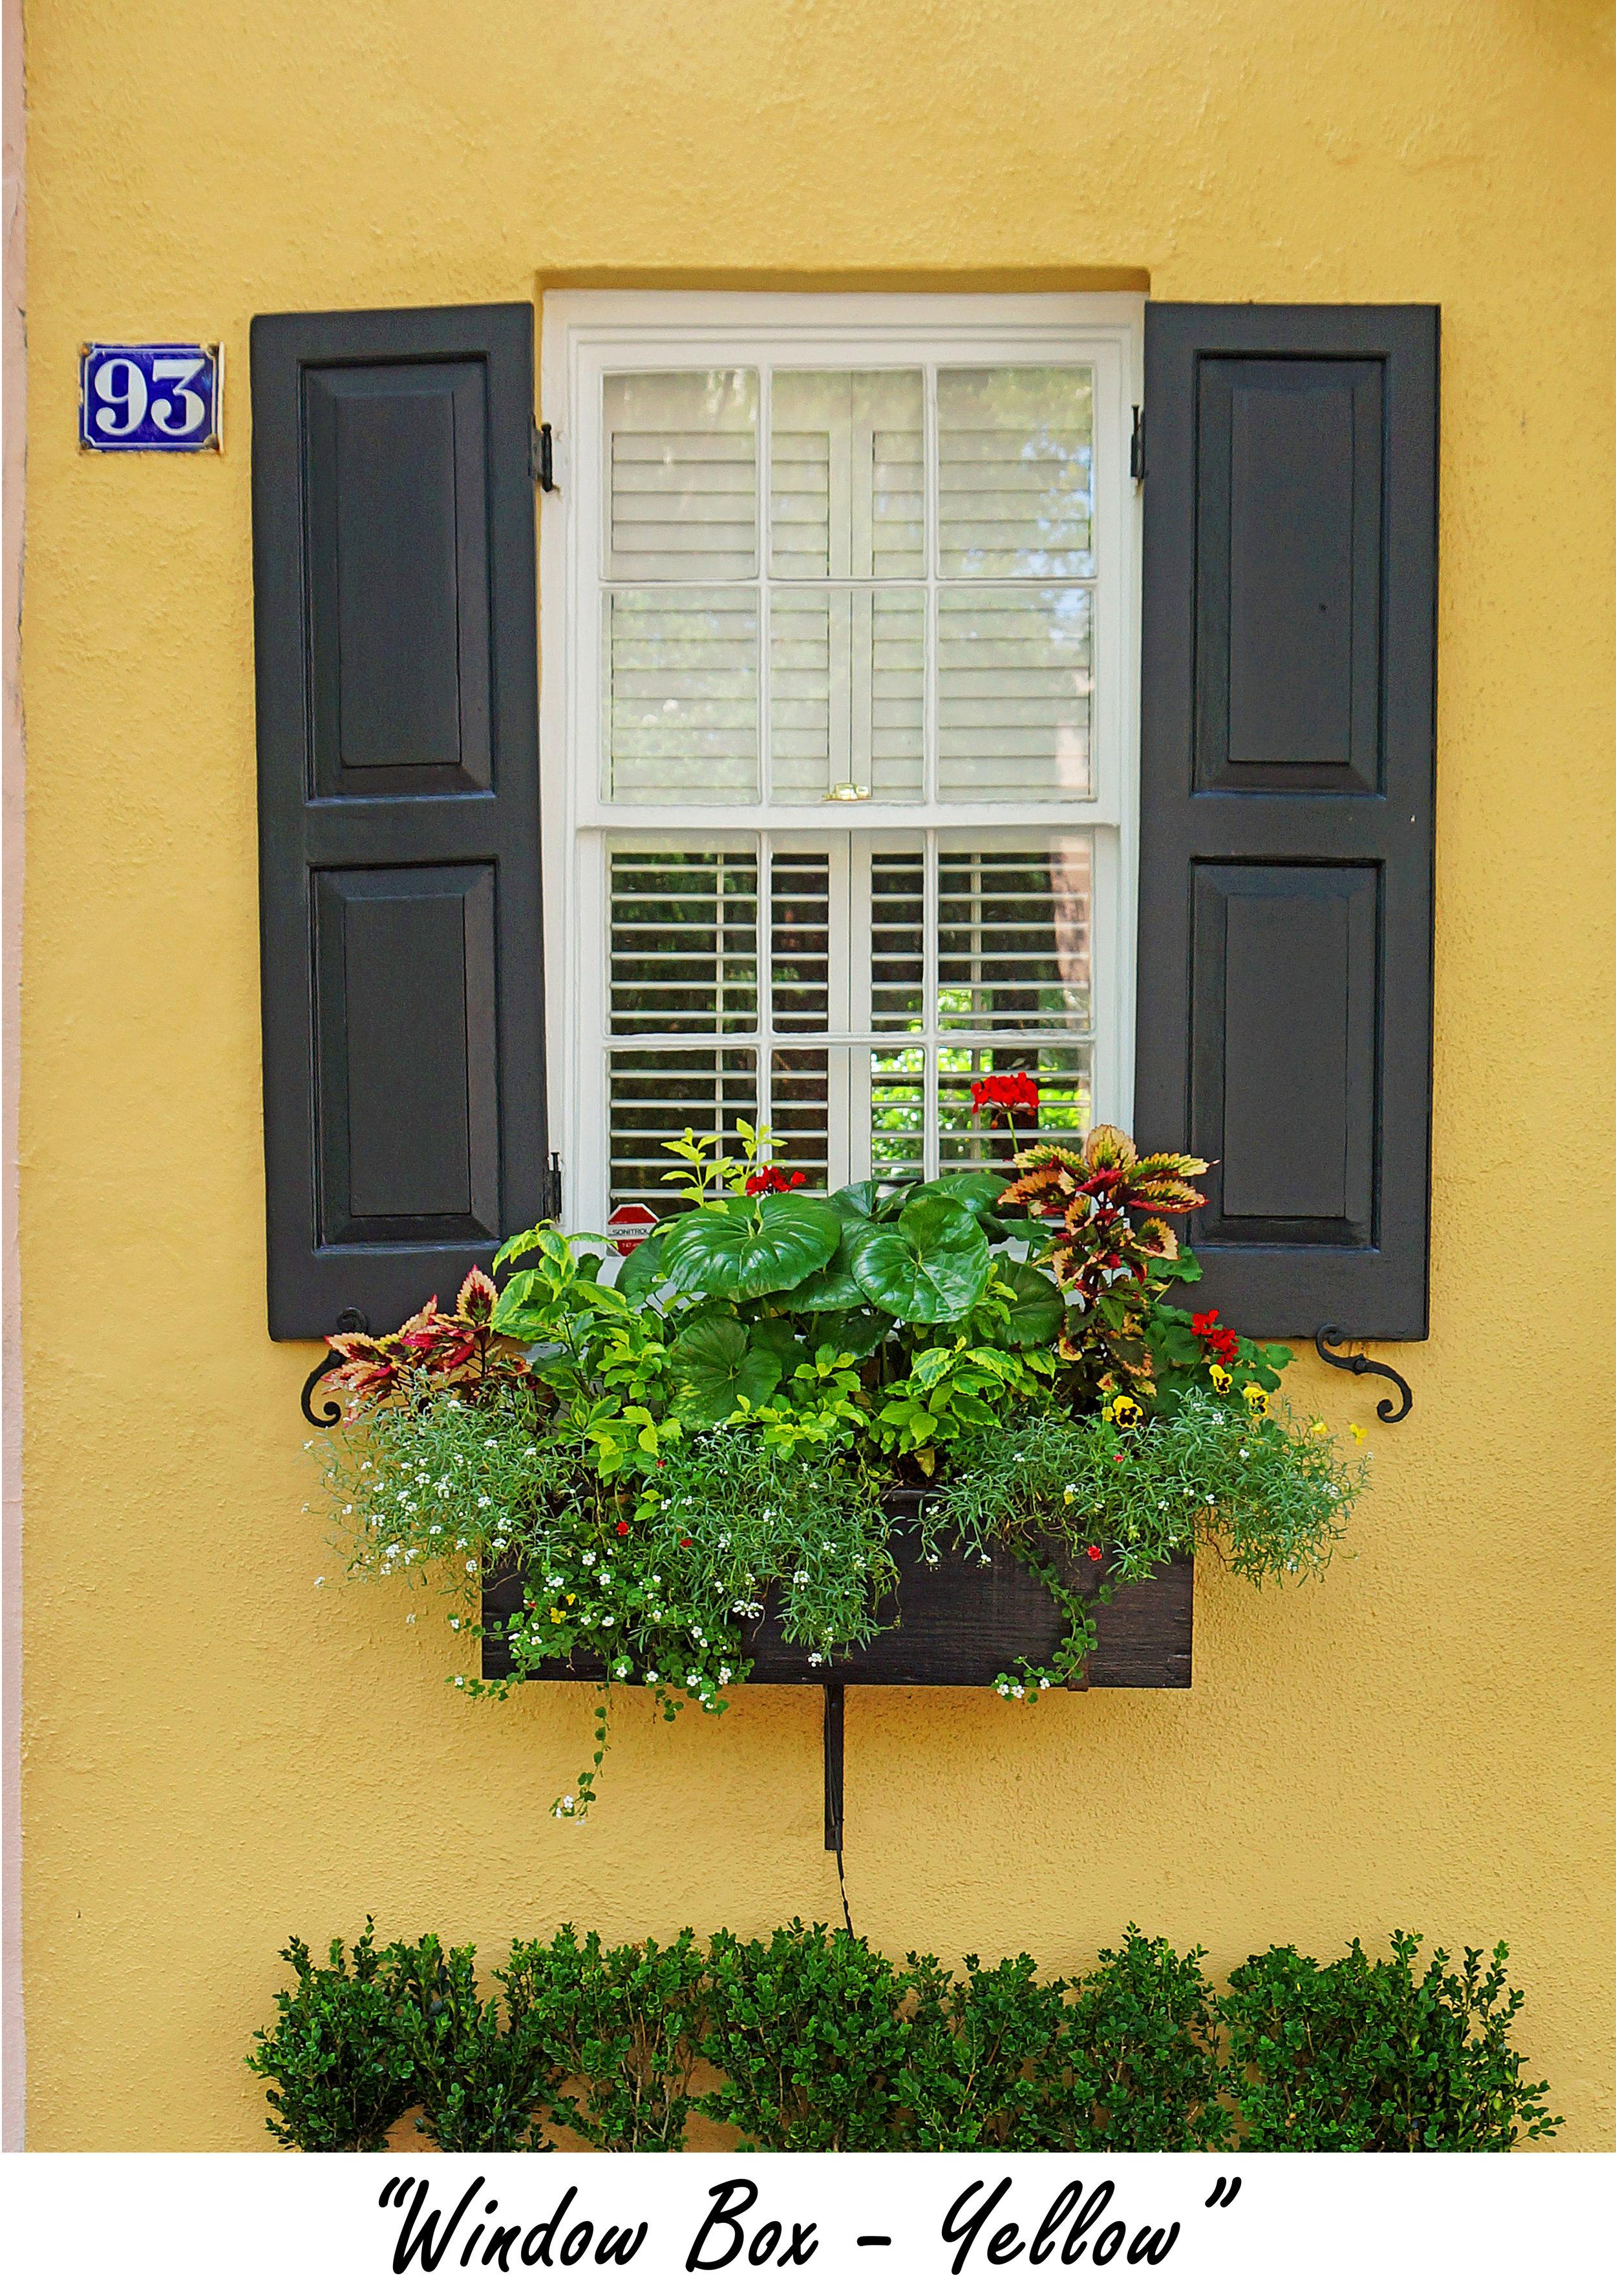 windowbox Yellow.jpg